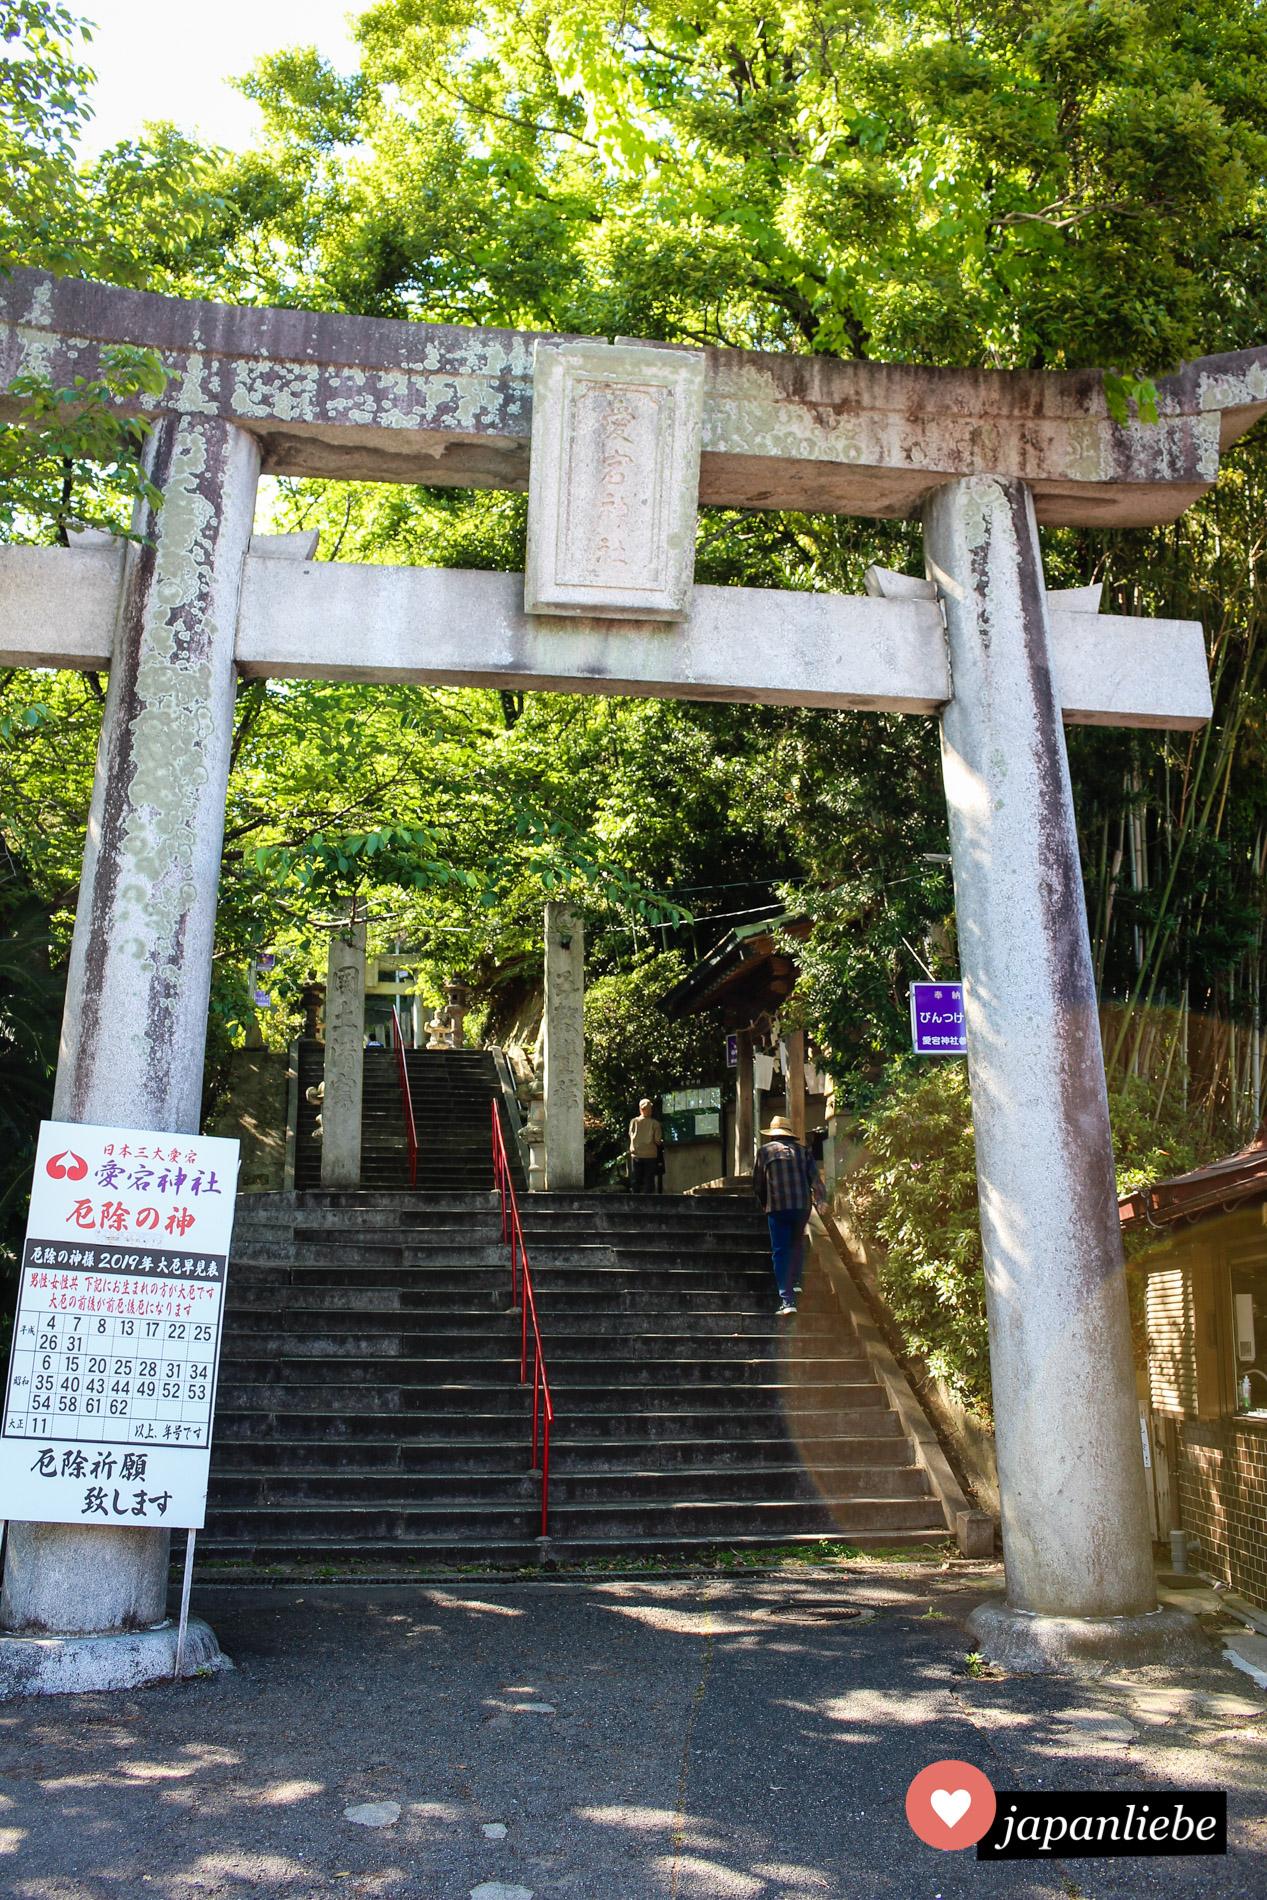 Bereits ein einem der unteren Eingangstore zum Atago-Schrein in Fukuoka weist eine Tafel darauf hin, wer sich gerade in einem Unglücksjahr befindet.